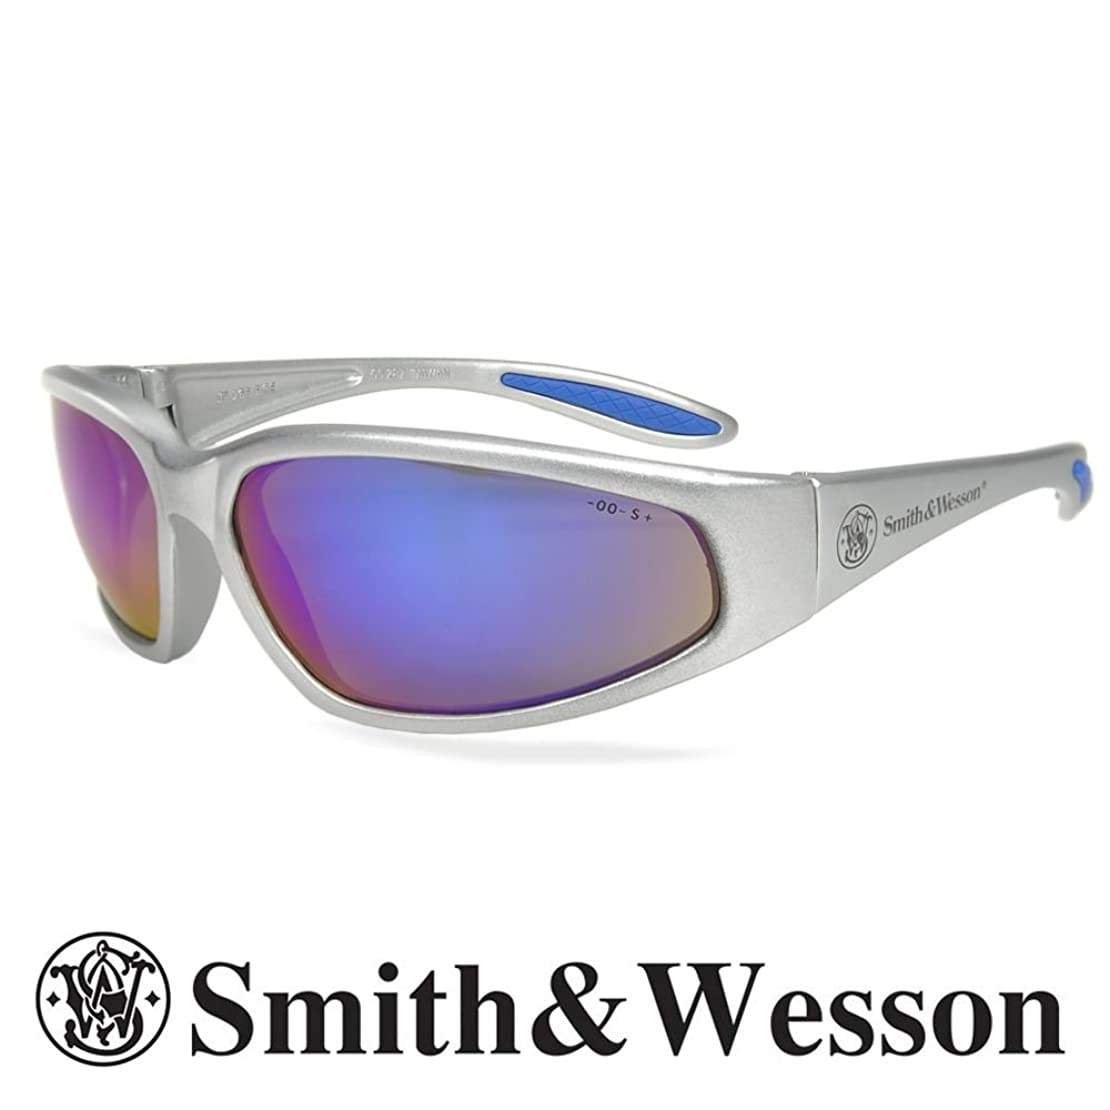 ファイアル力聞く[Smith & Wesson] S&W スミス&ウェッソン 38 Specials 38スペシャル UVカットサングラス [シルバーフレーム][ブルーミラーレンズ]